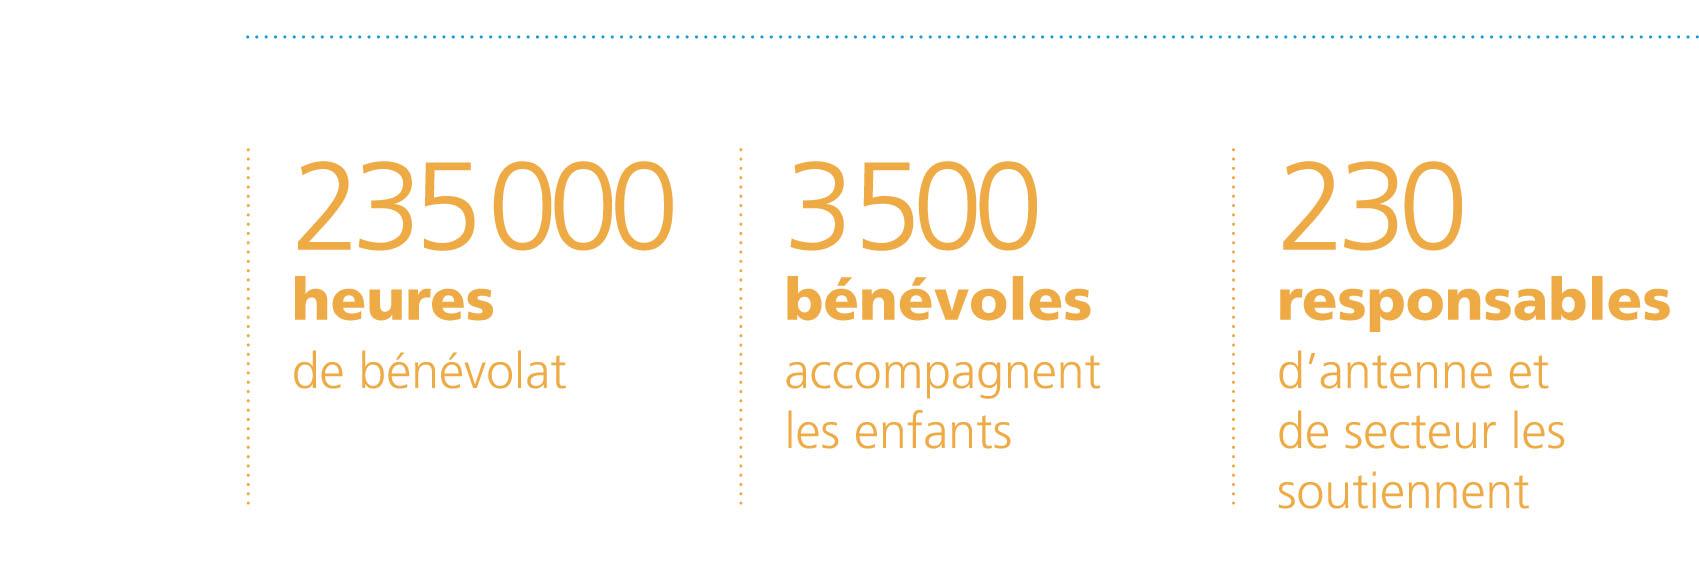 Nombre de bénévoles, heures et nombre d'antennes 2019